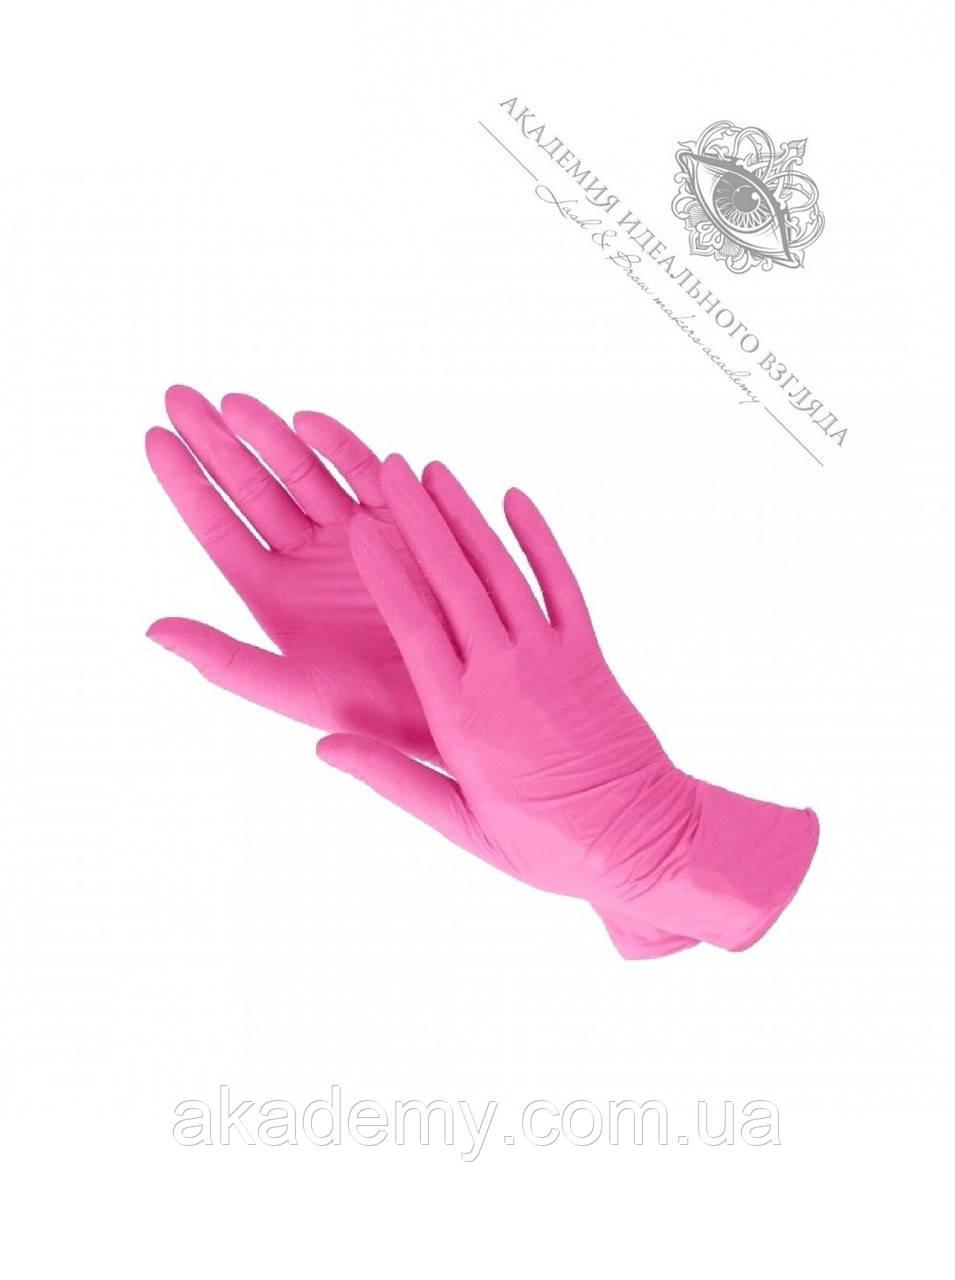 Перчатки нитриловые розовые (без пудры) 100 шт